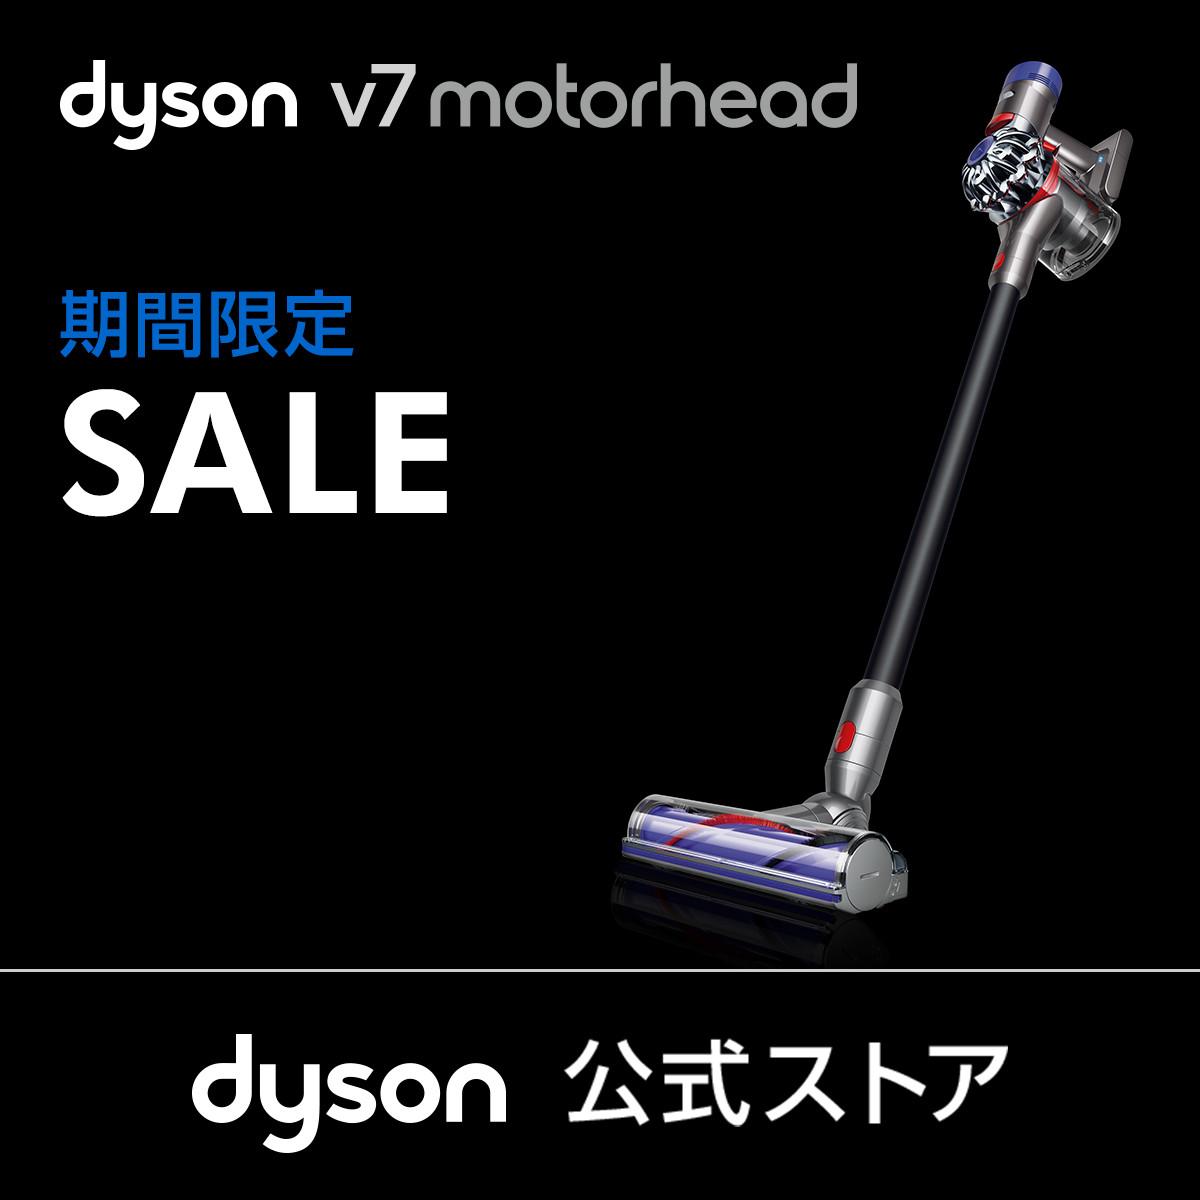 【37%OFF】12/1 23:59まで!【数量限定 Black Edition】ダイソン Dyson V7 Motorhead サイクロン式 コードレス掃除機 dyson SV11 MH BK 直販限定モデル